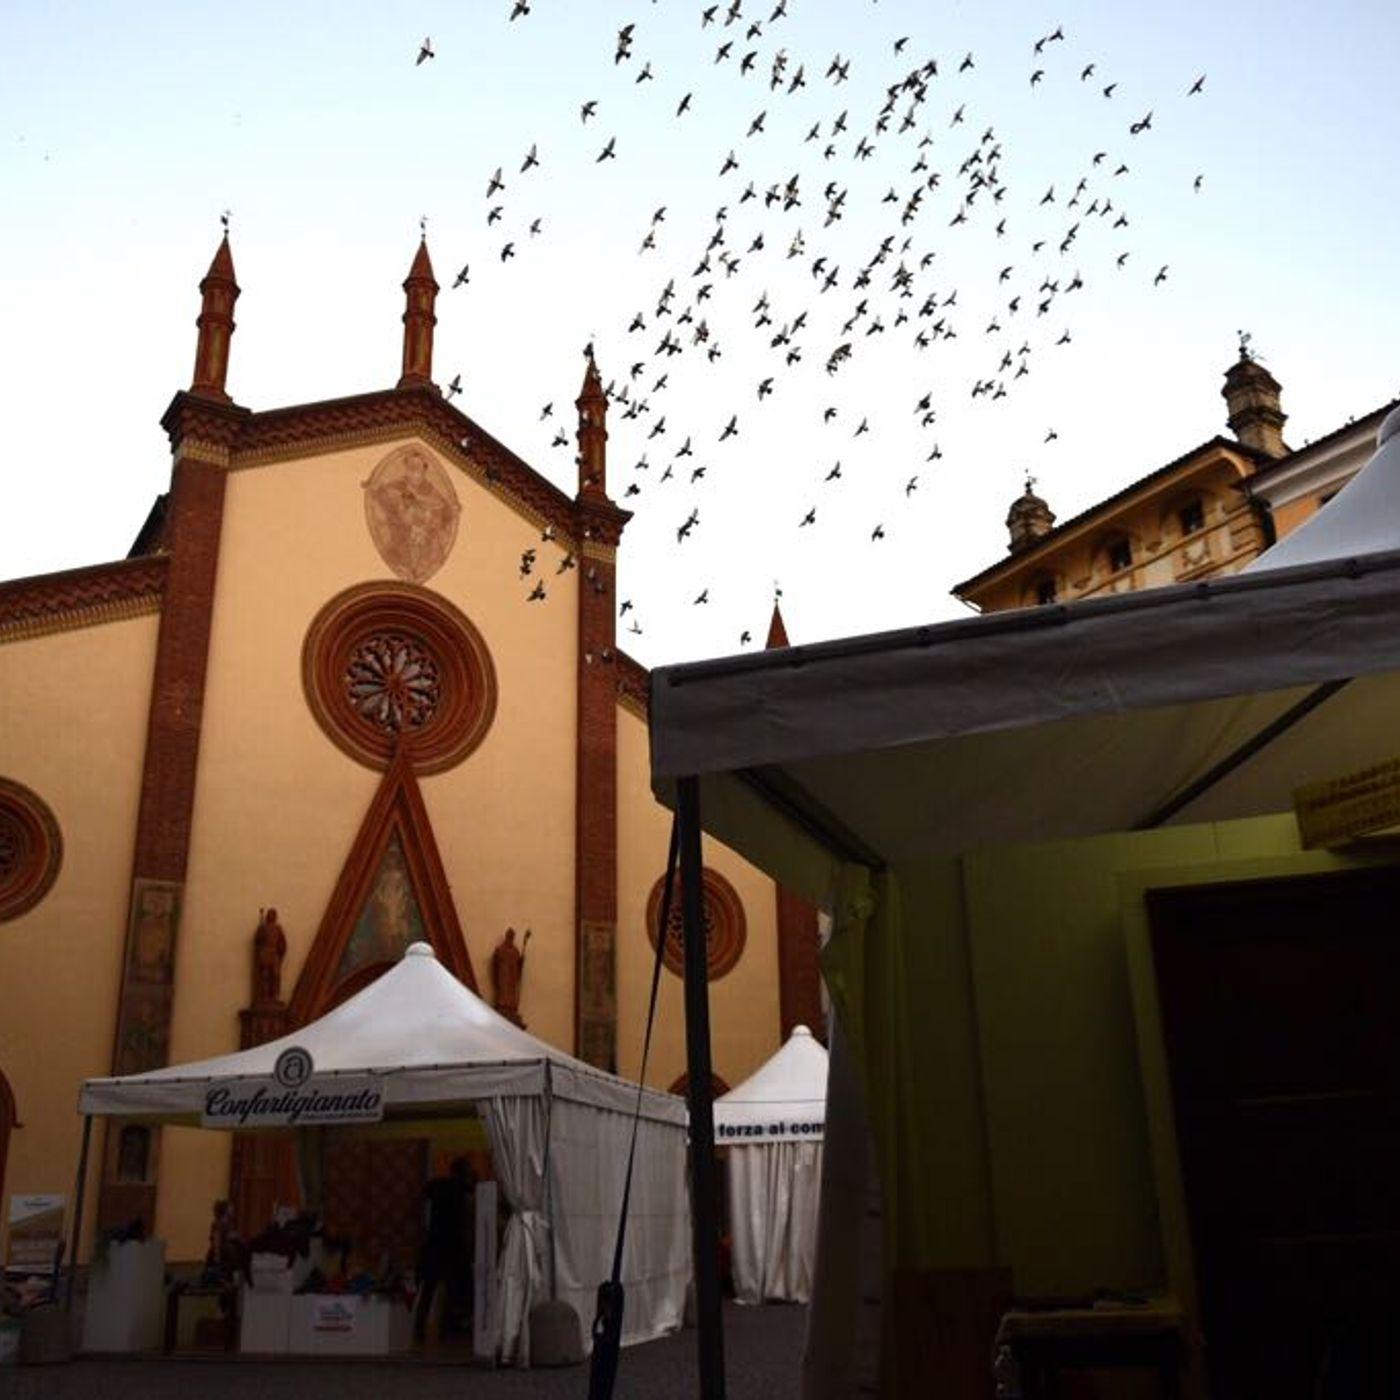 Artigianato Pinerolo 2020 - Intervista a Francesca Costarelli